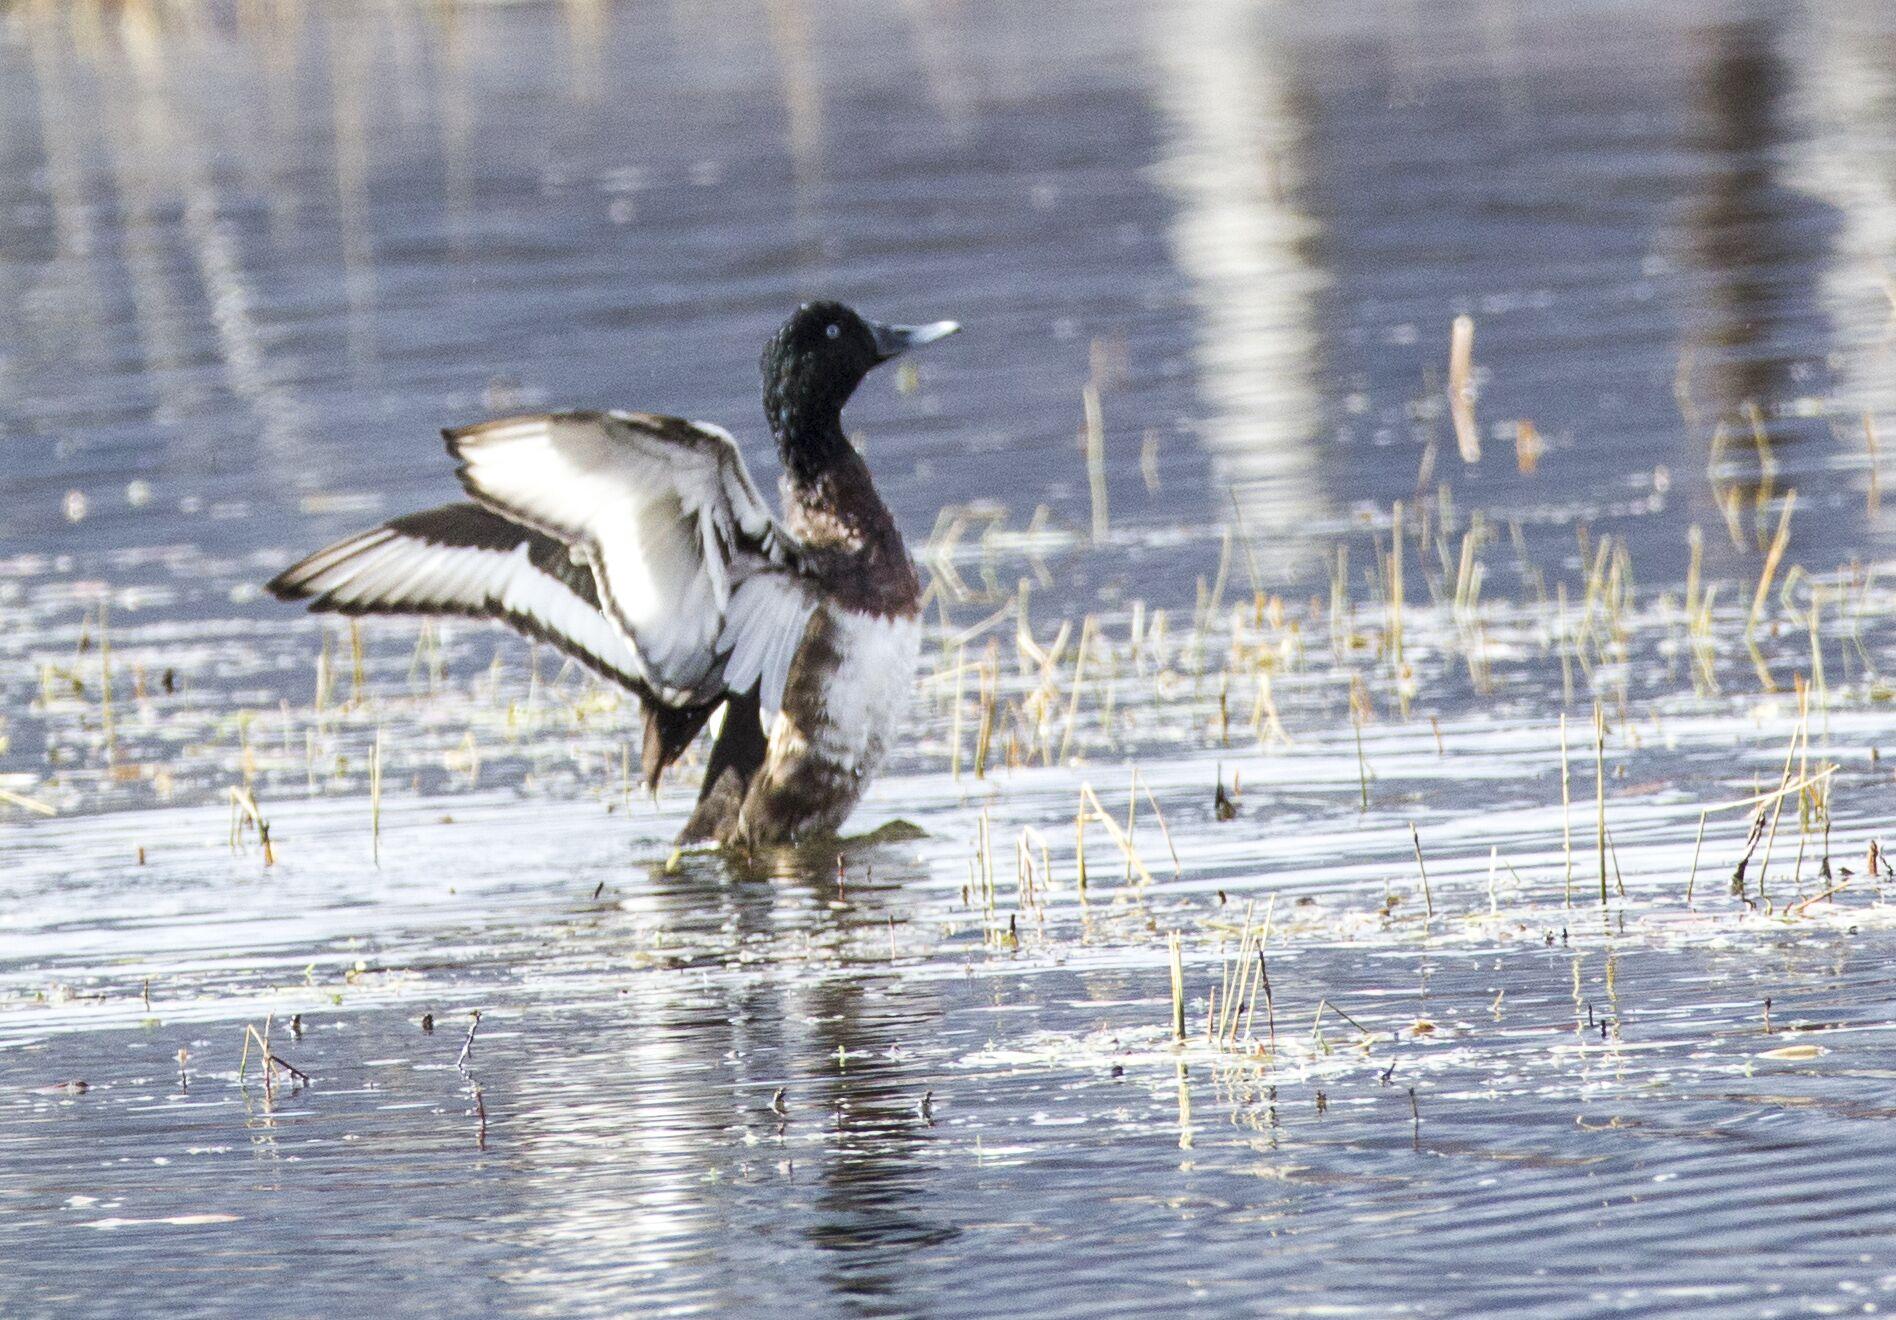 香格里拉飞羽天堂——每日观鸟台 极危珍稀水鸟 :青头潜鸭